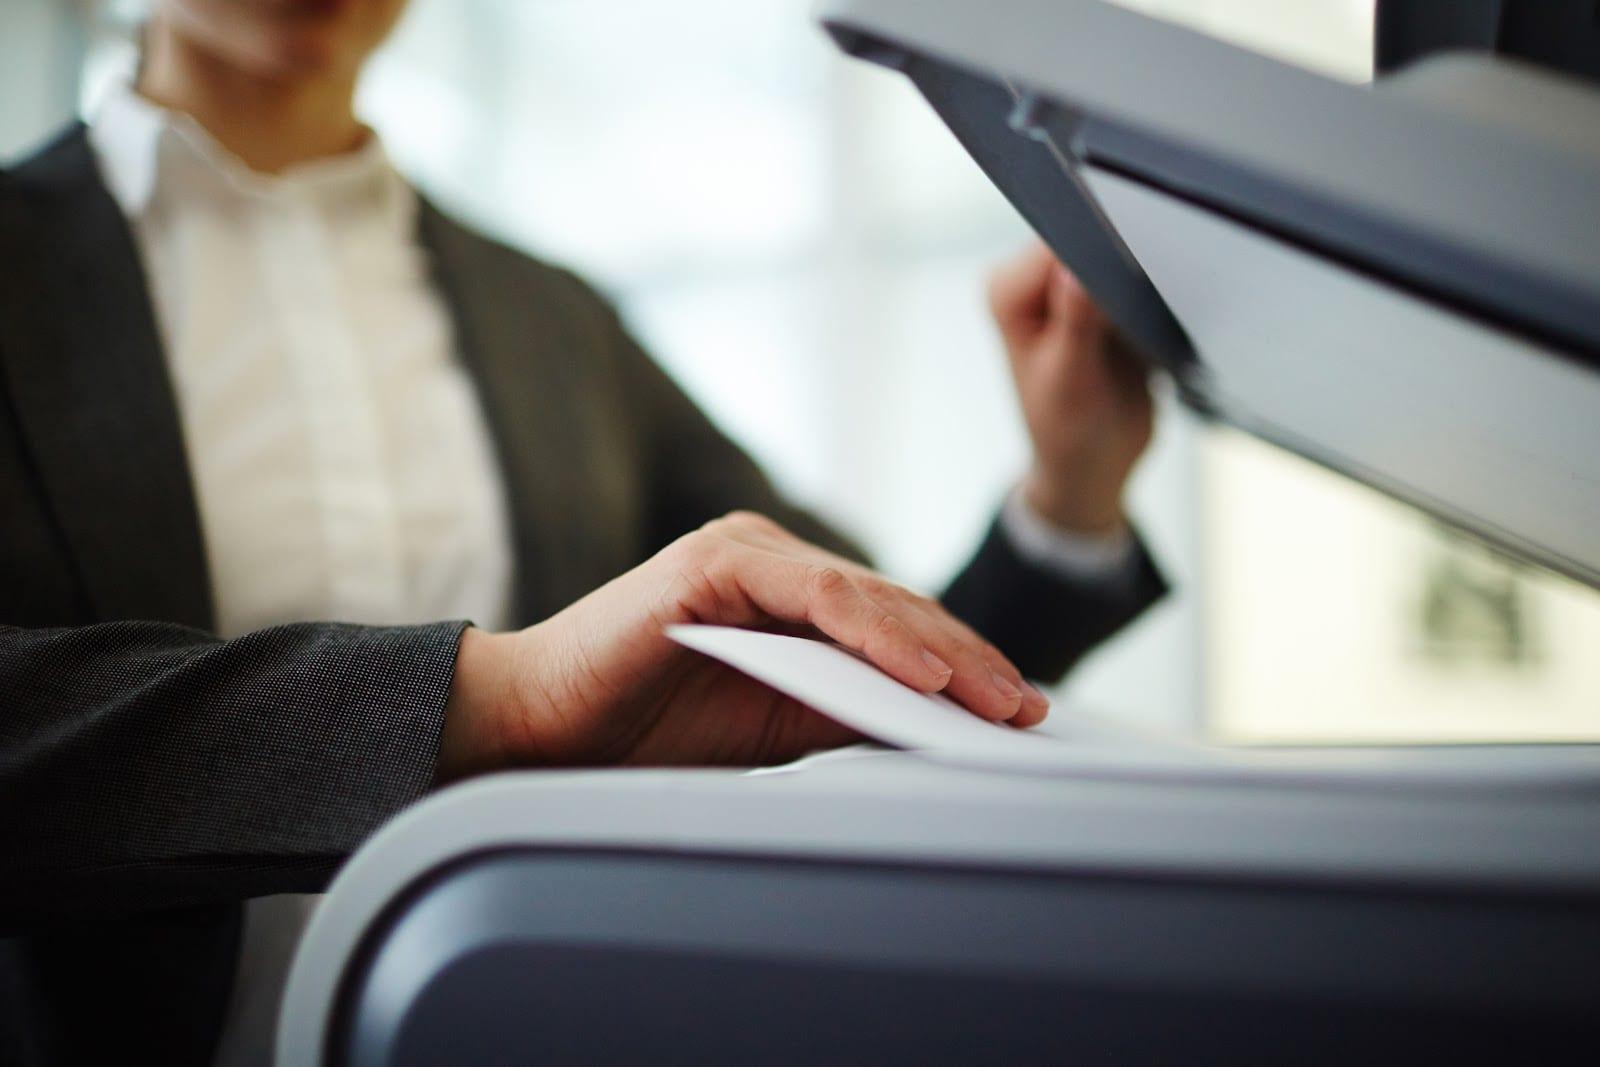 Harga Alat Pemotong Kertas Untuk Usaha Fotocopy